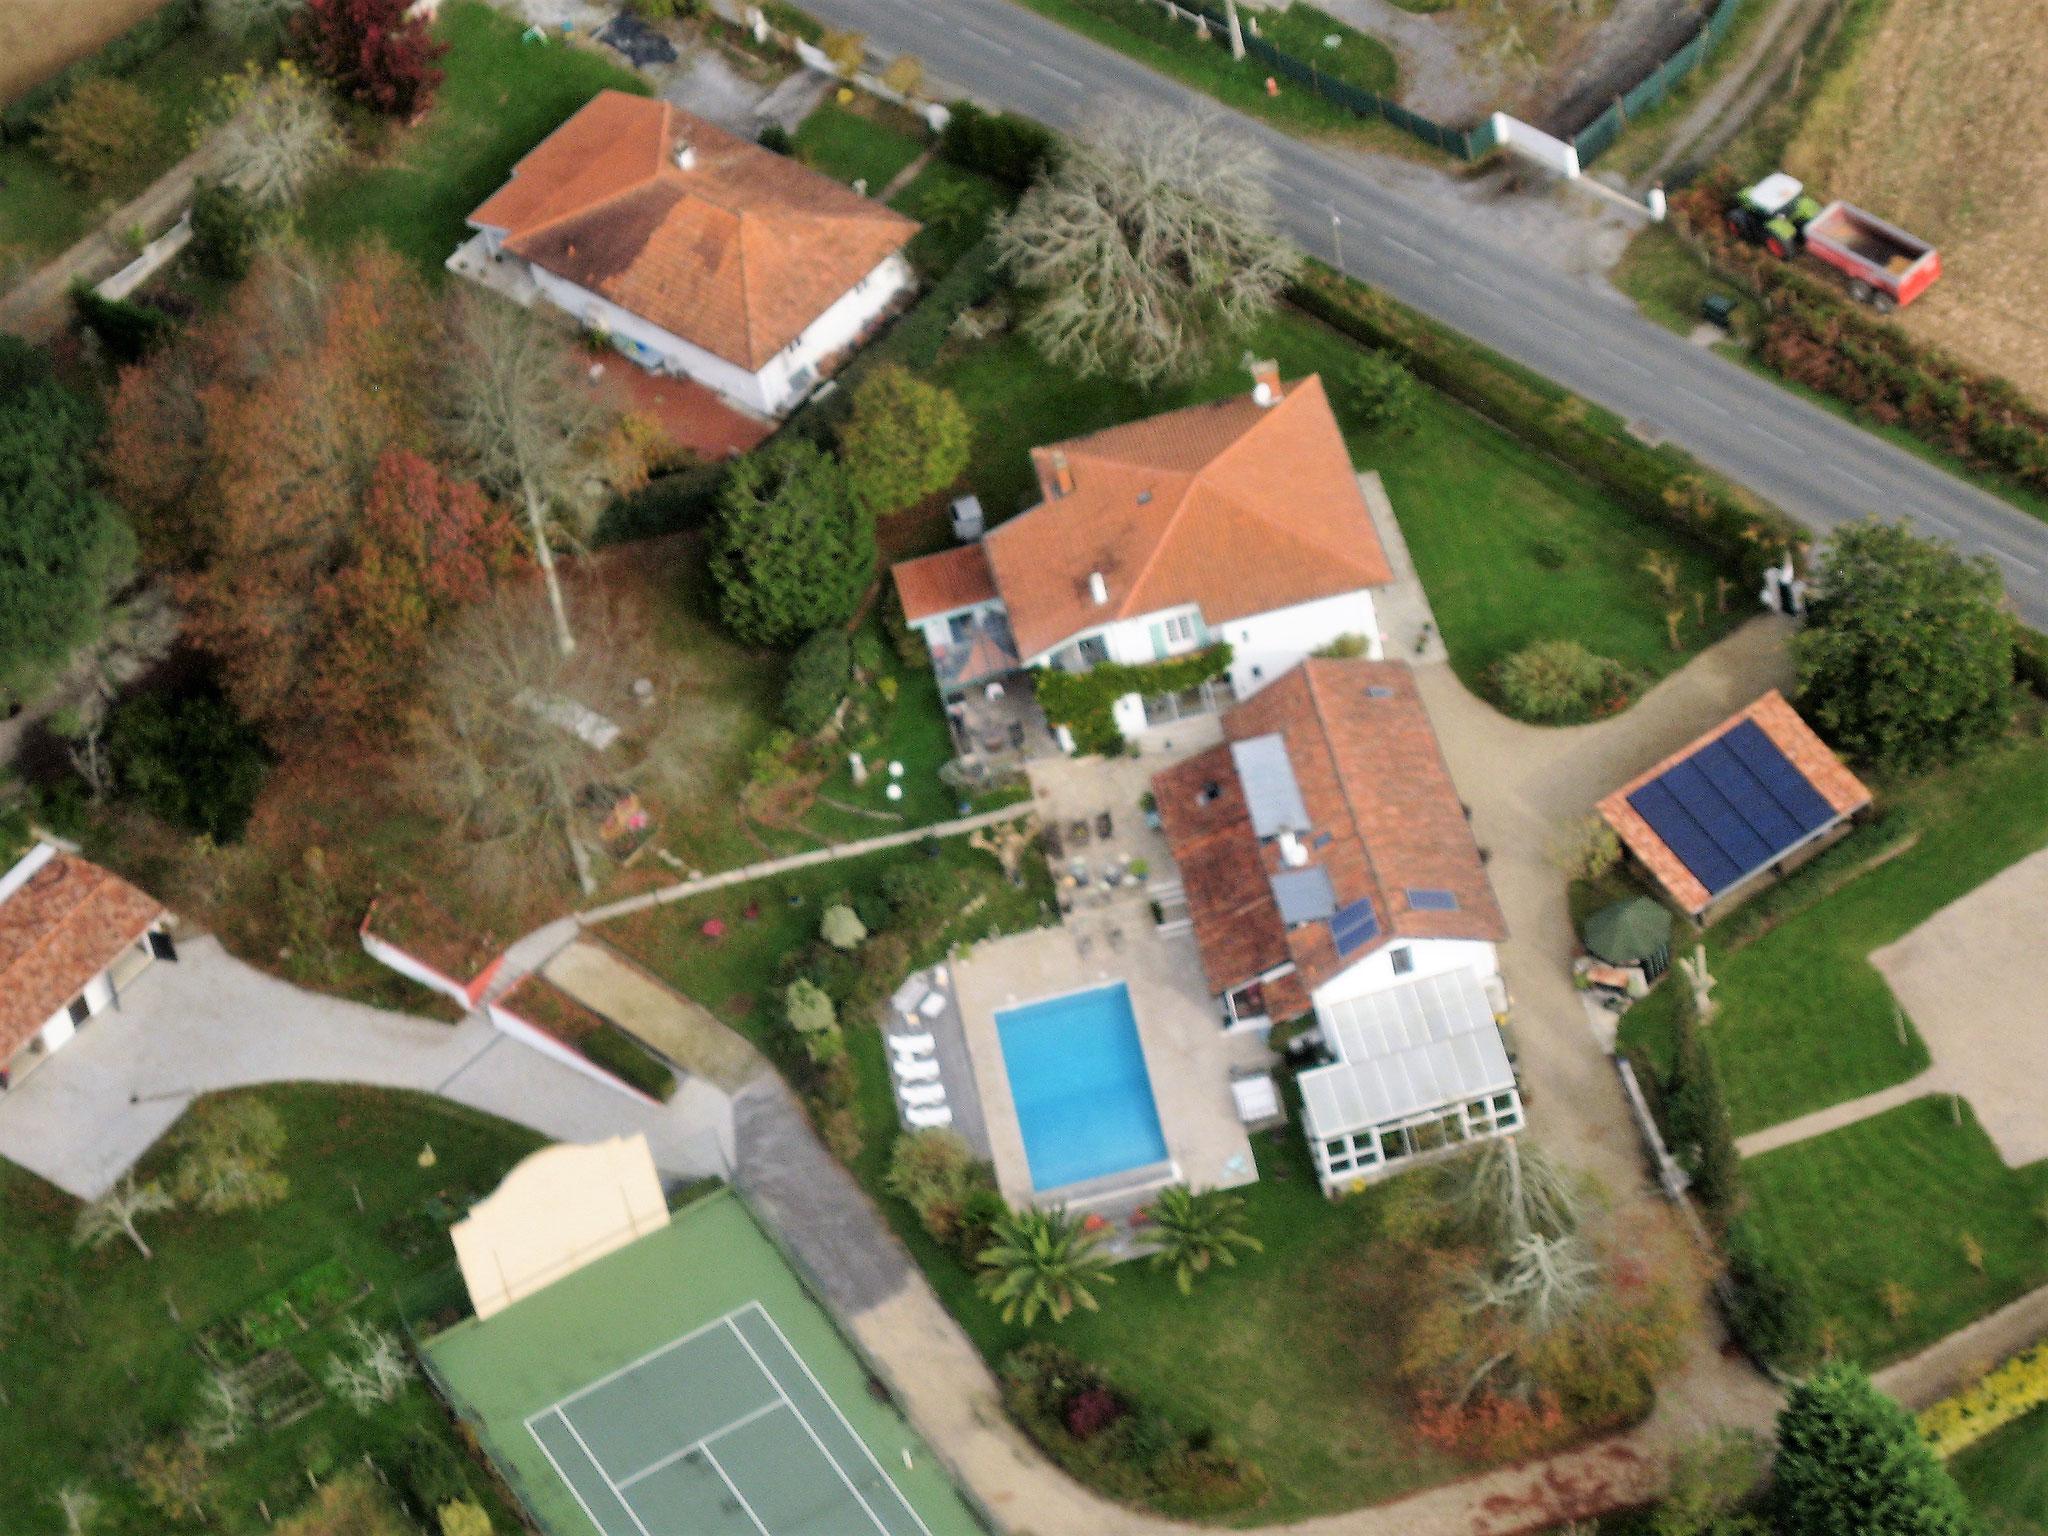 vue aérienne du domaine de Millox